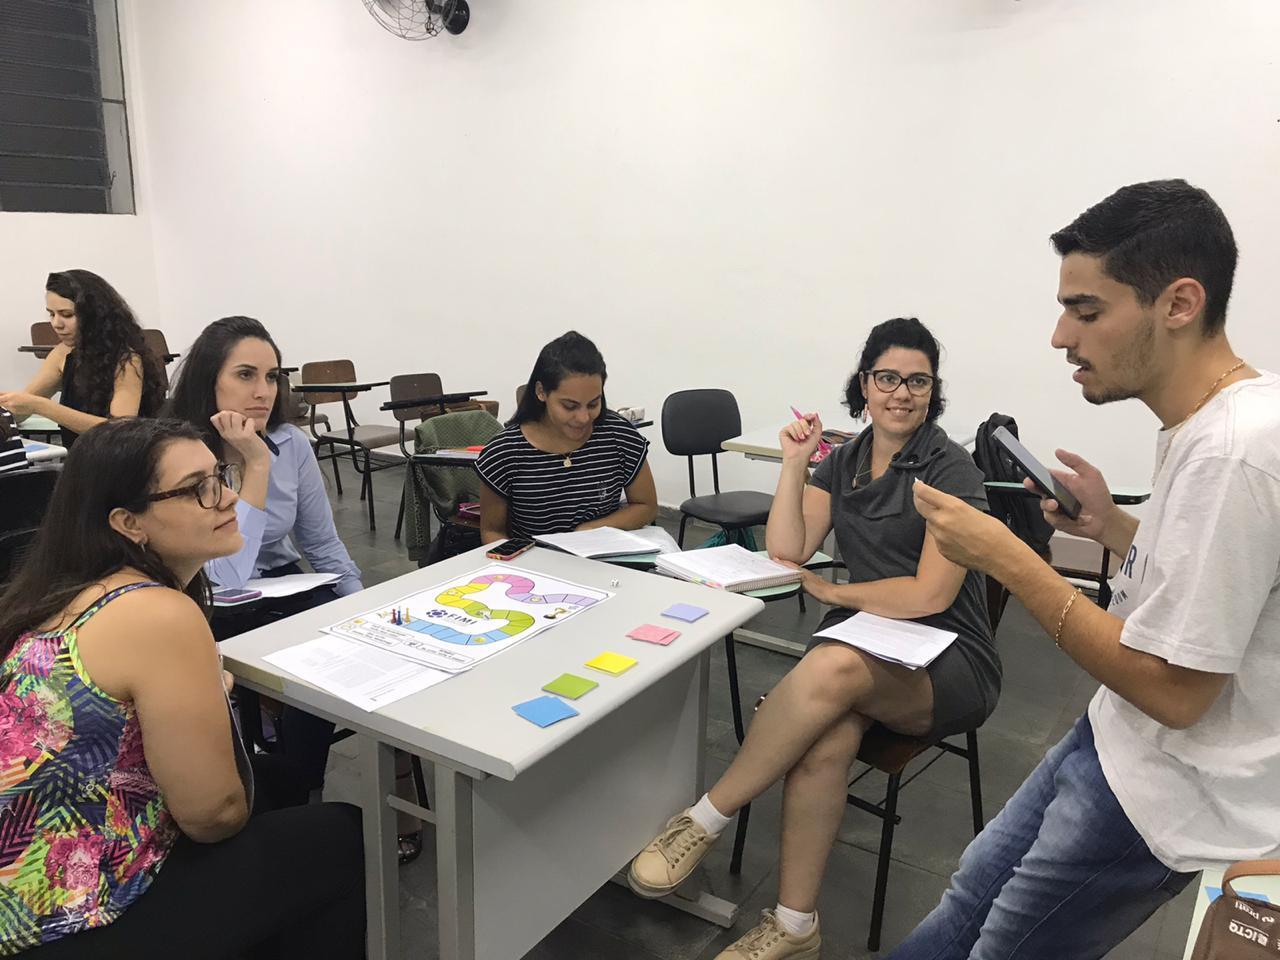 Professores da FIMI utilizam jogos educacionais para facilitar o aprendizado dos alunos